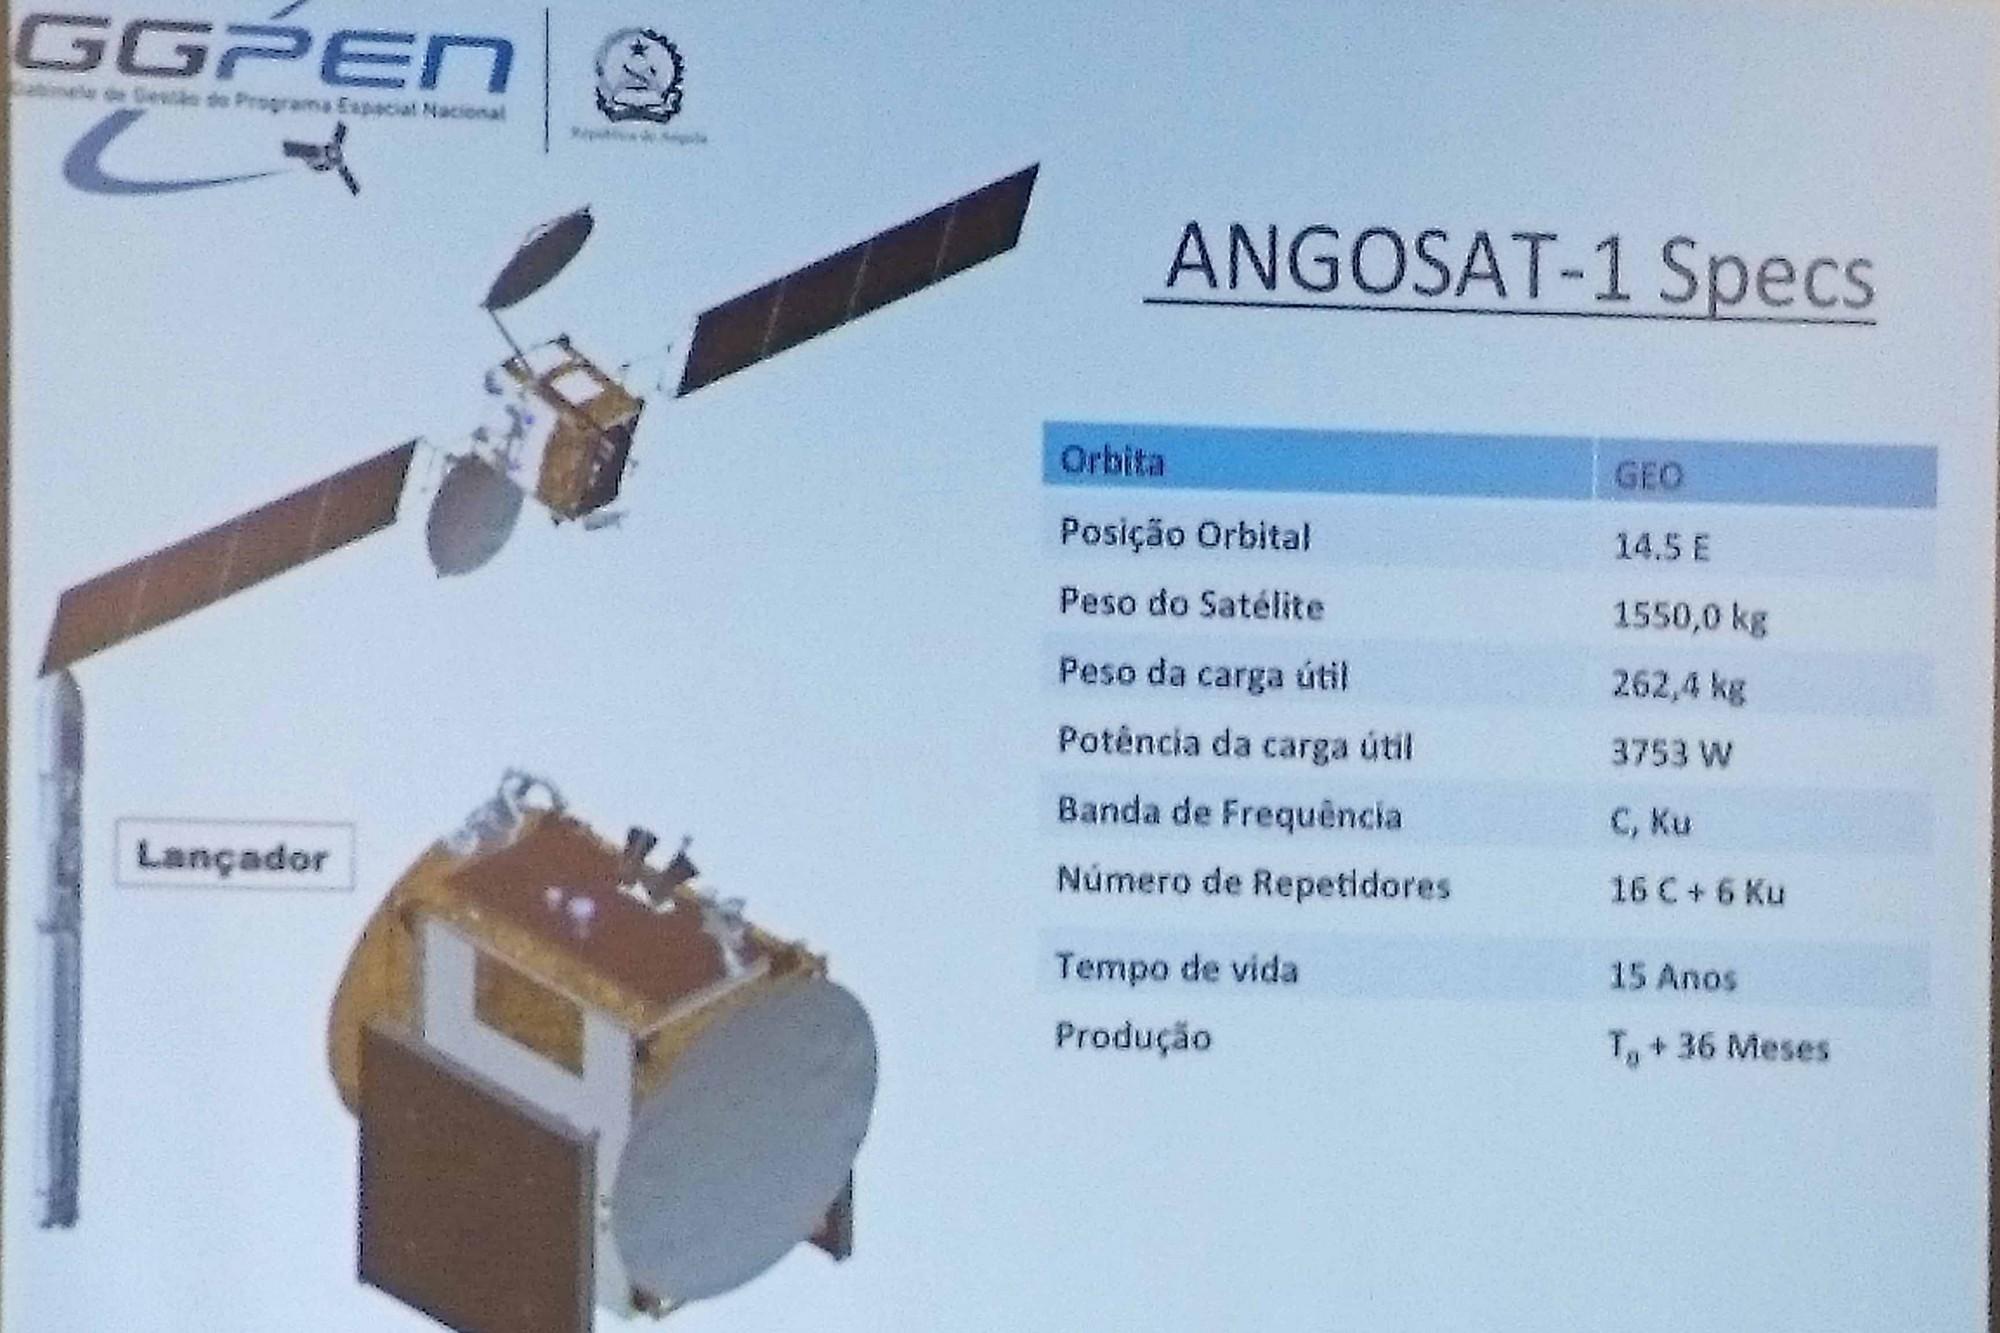 L'Angola va lancer son premier satellite en décembre